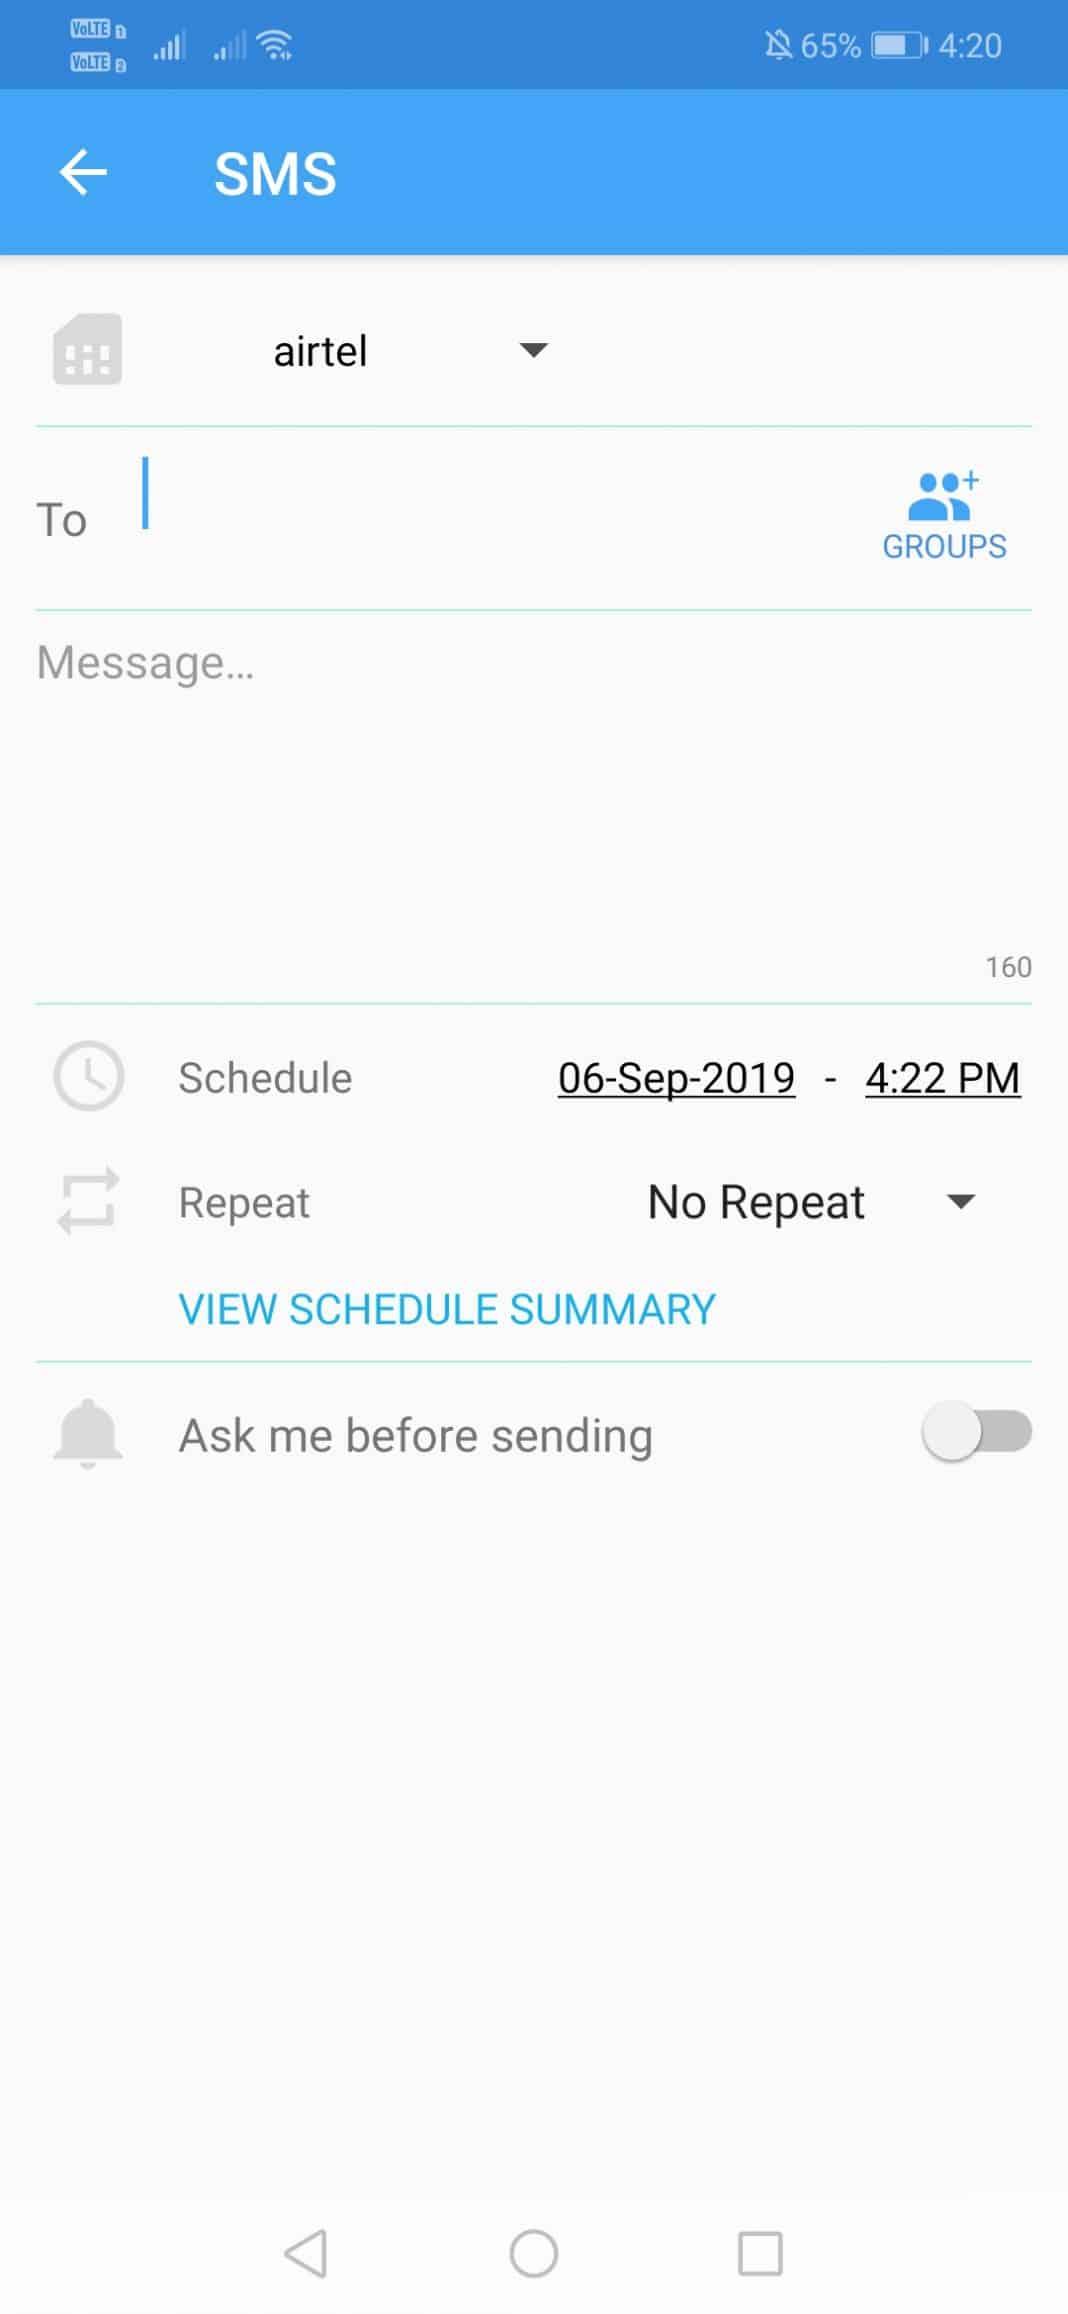 seleccione el contacto y programe la hora y la fecha